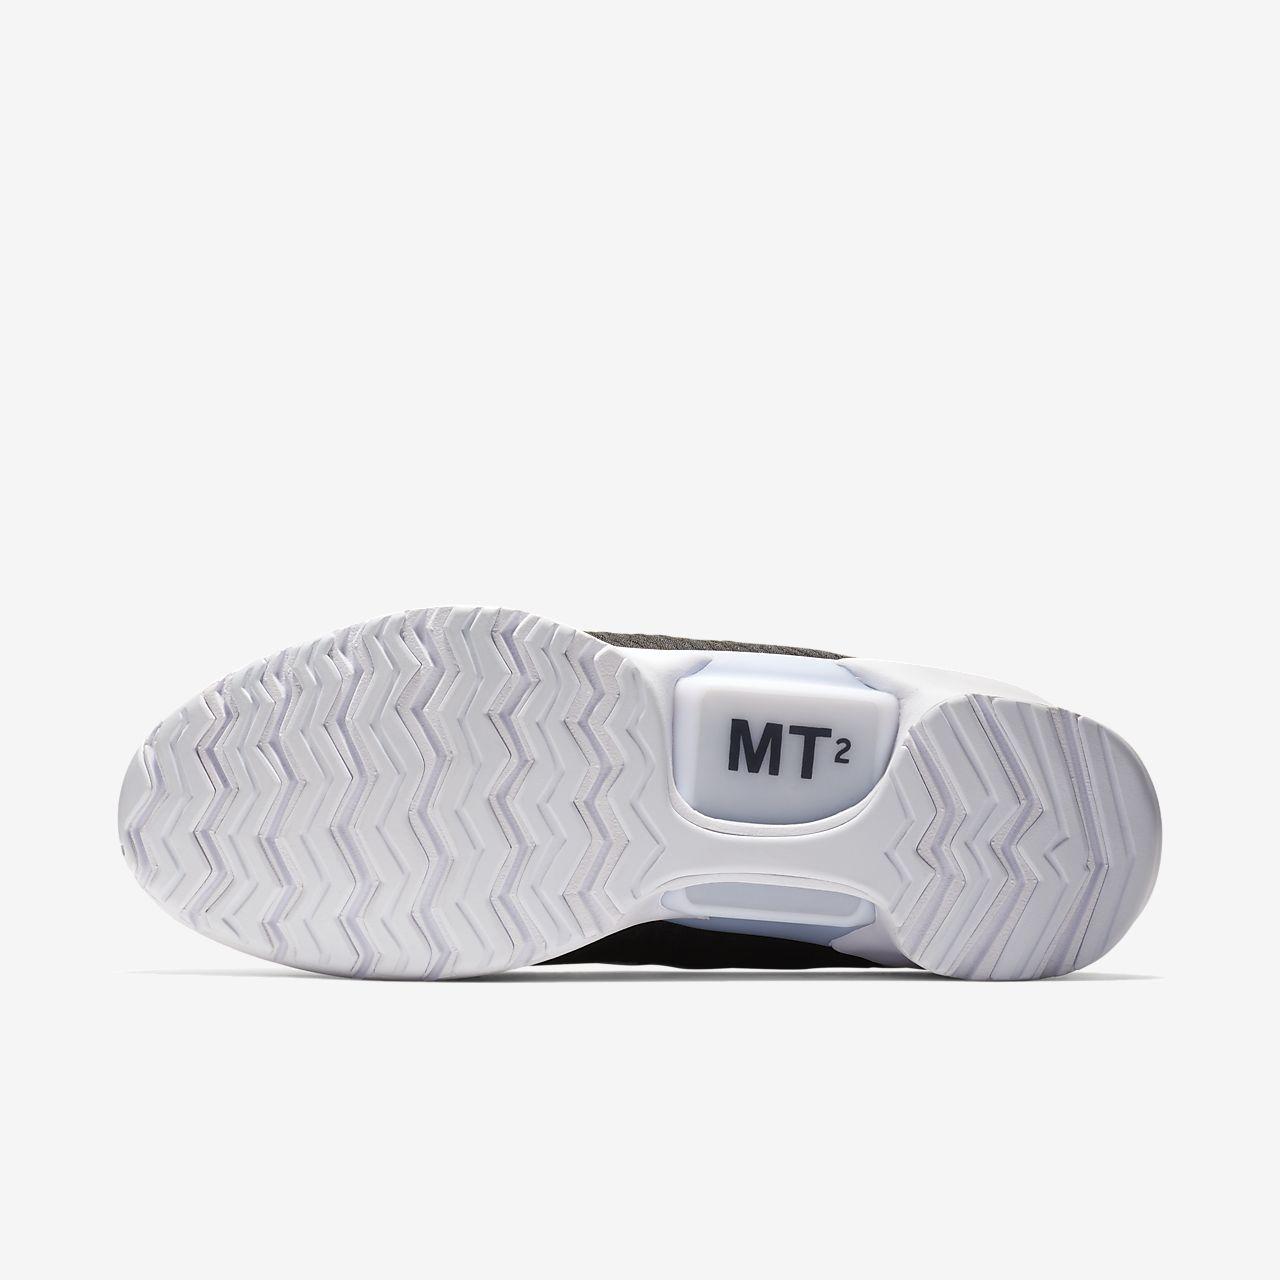 online retailer 8e070 a0bbf ... Chaussure Nike HyperAdapt 1.0 (EU Plug) pour Homme